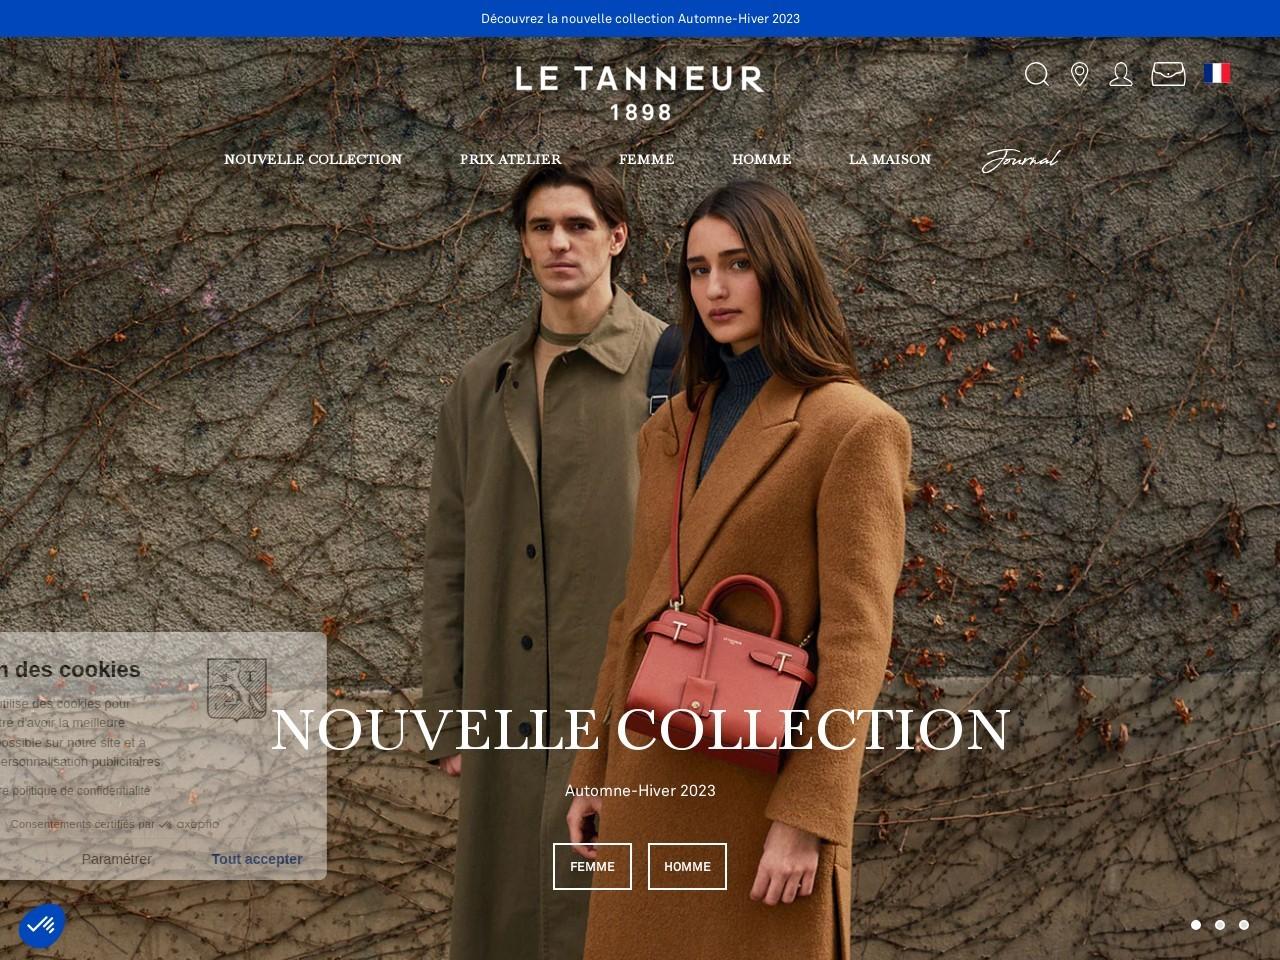 Code promo Le Tanneur et bon de réduction Le Tanneur